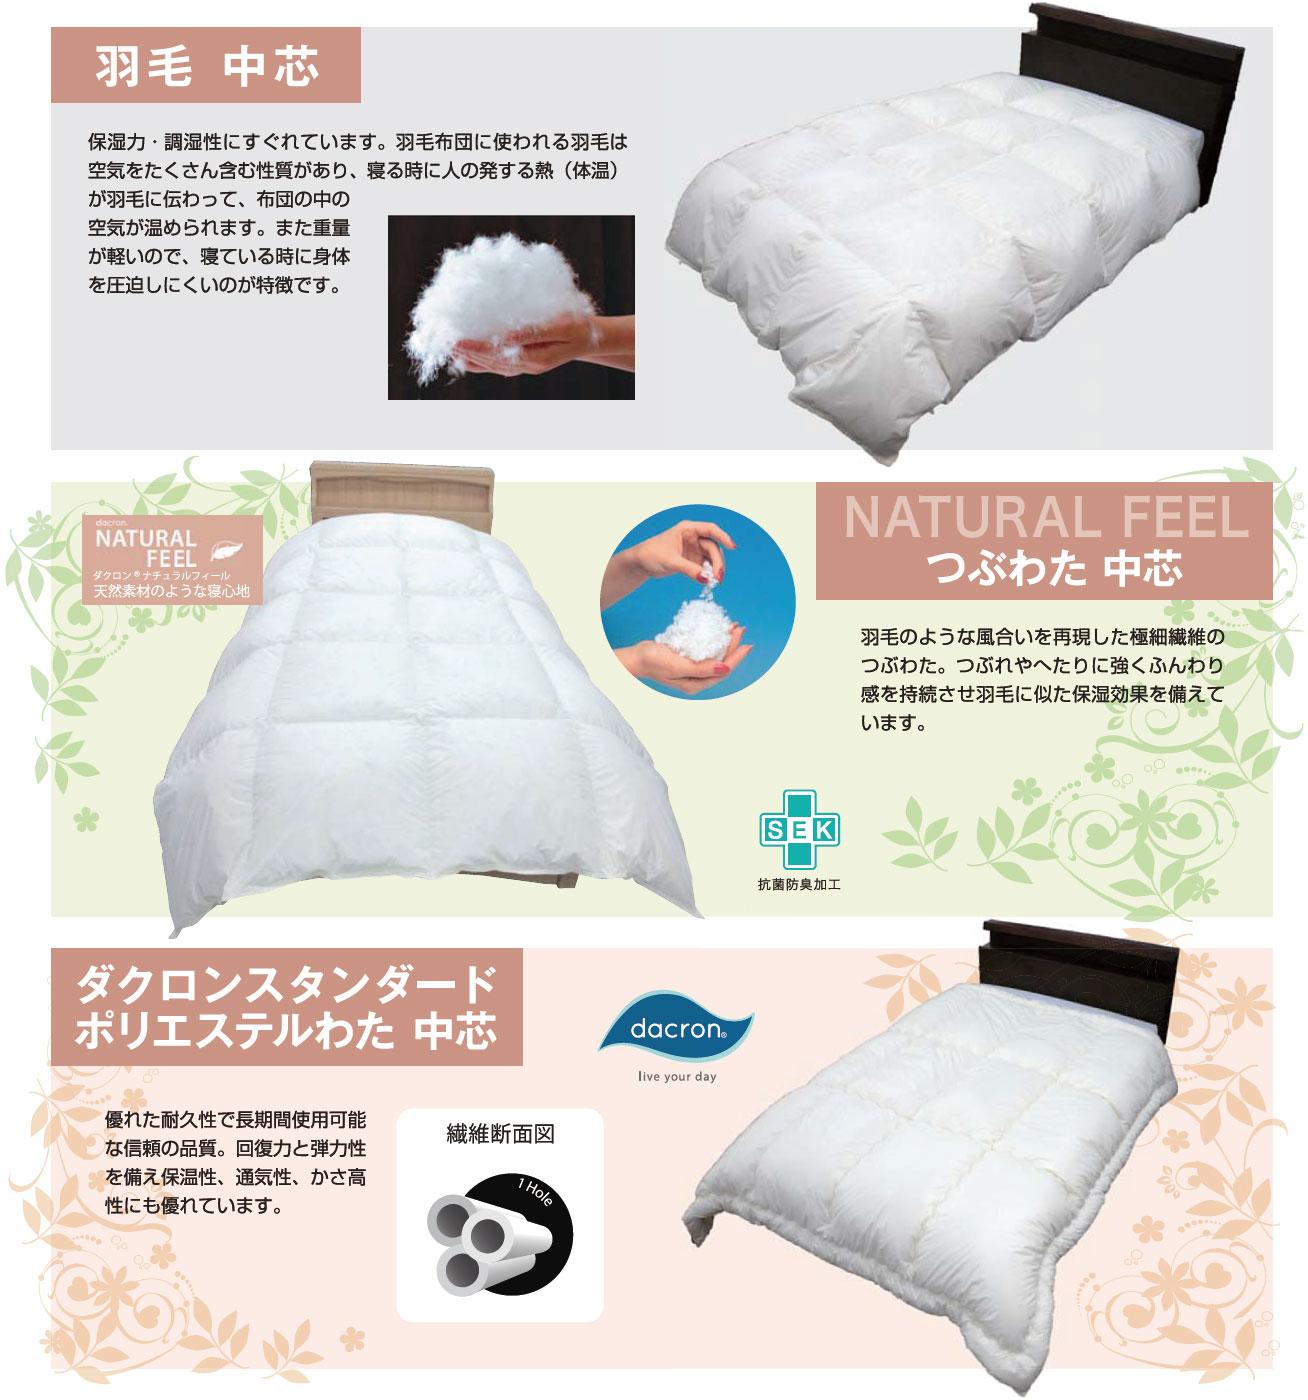 ベッド用中芯